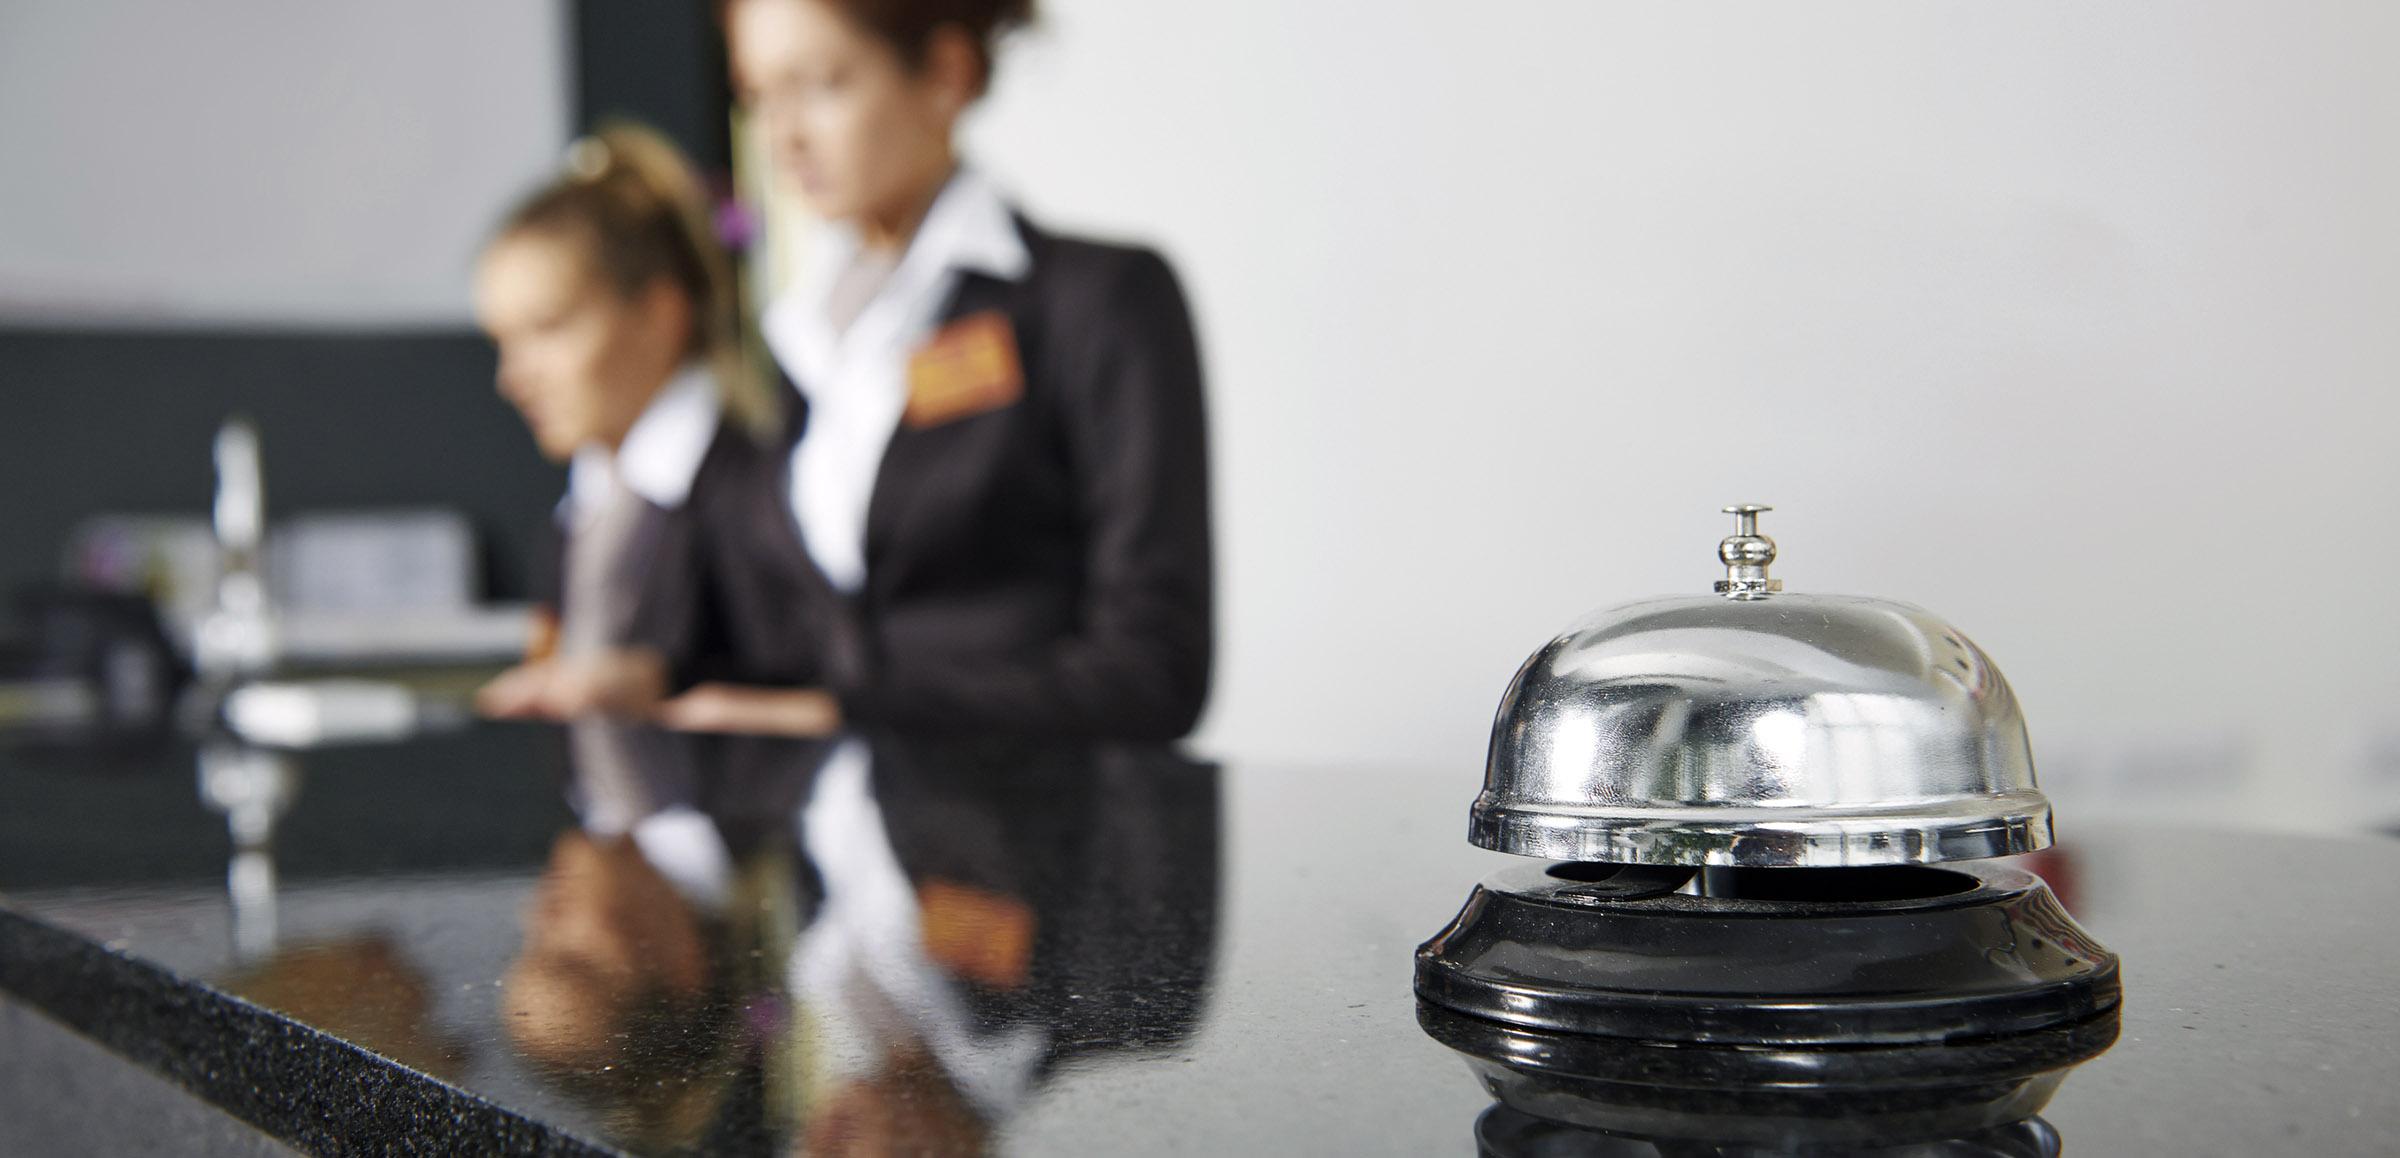 25 июня вСанкт-Петербурге вновь состоится Международный Форум поотельному бизнесу ииндустрии гостеприимства